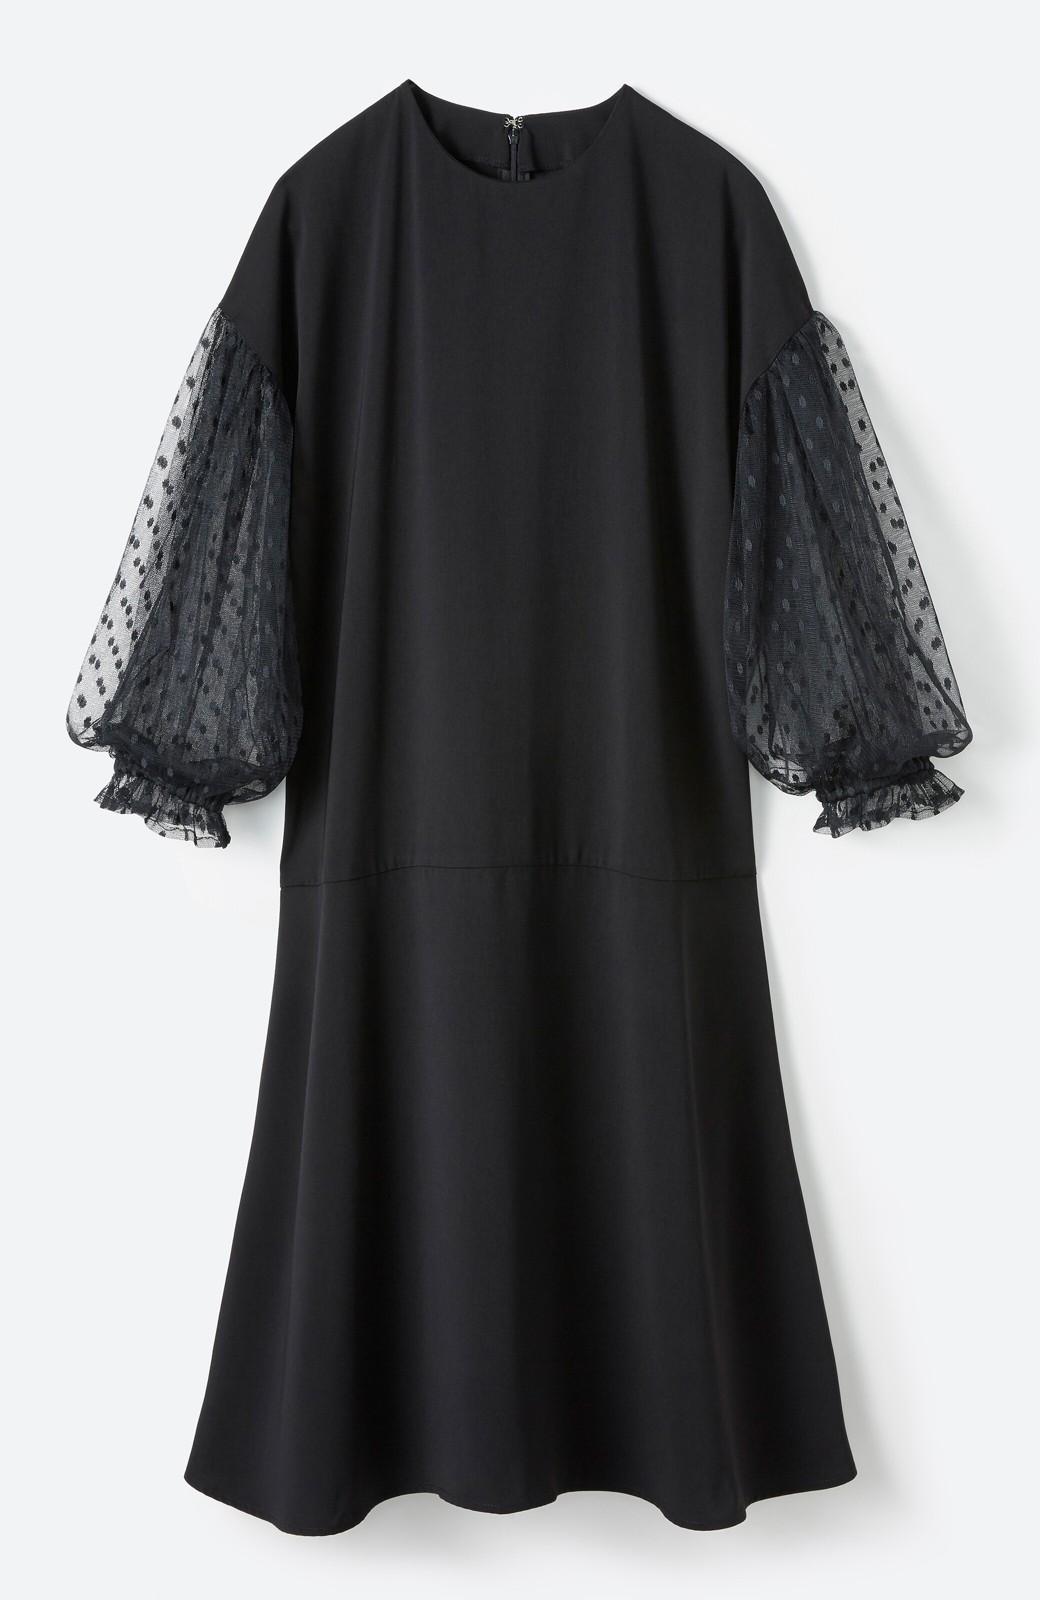 haco! 華やかシーンに浮かず埋もれず ドットチュールの透け袖がかわいい結婚式ワンピース <ブラック>の商品写真2